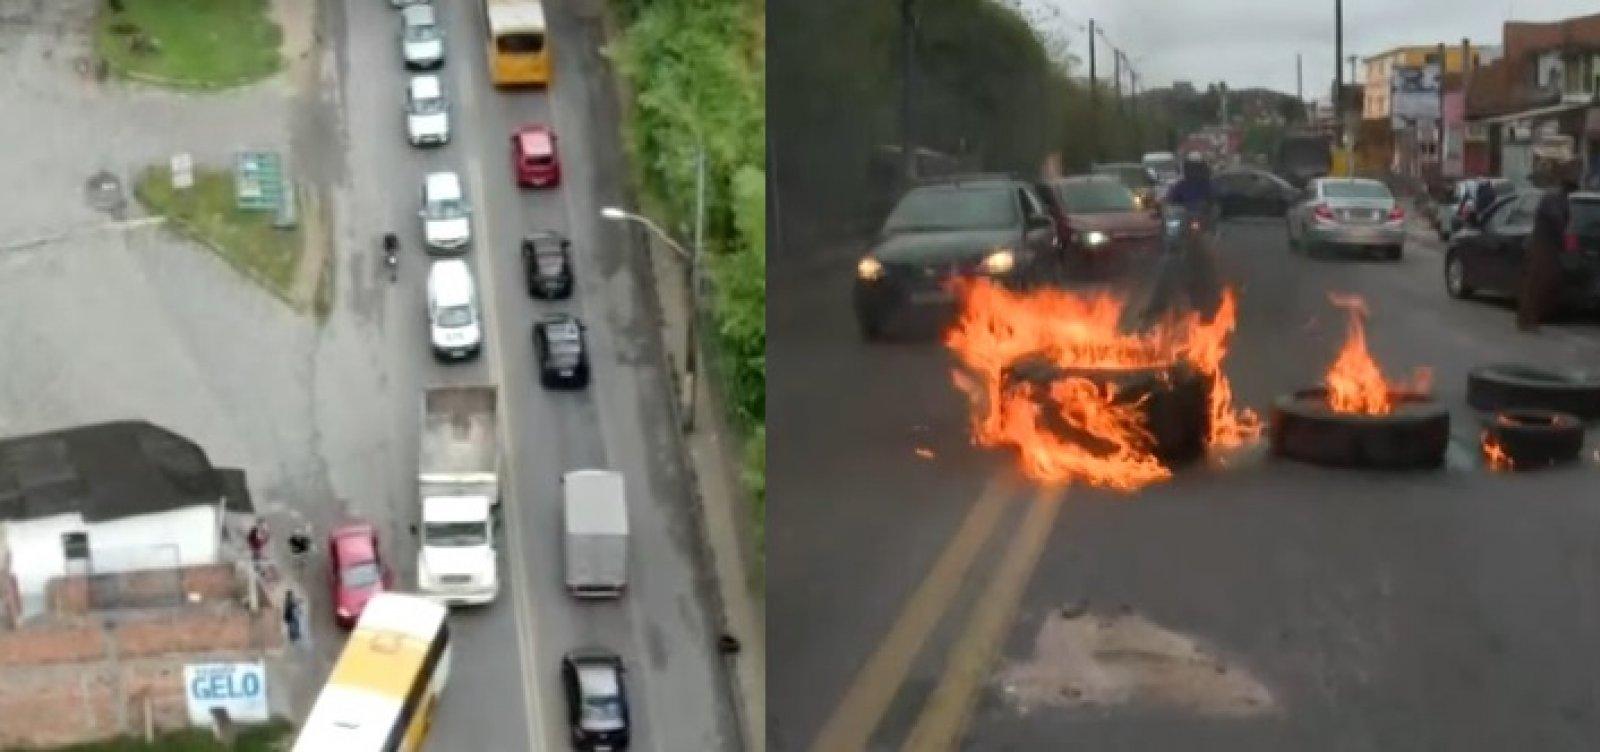 Contra alta da gasolina, motoristas fecham os dois sentidos da Estrada do Derba